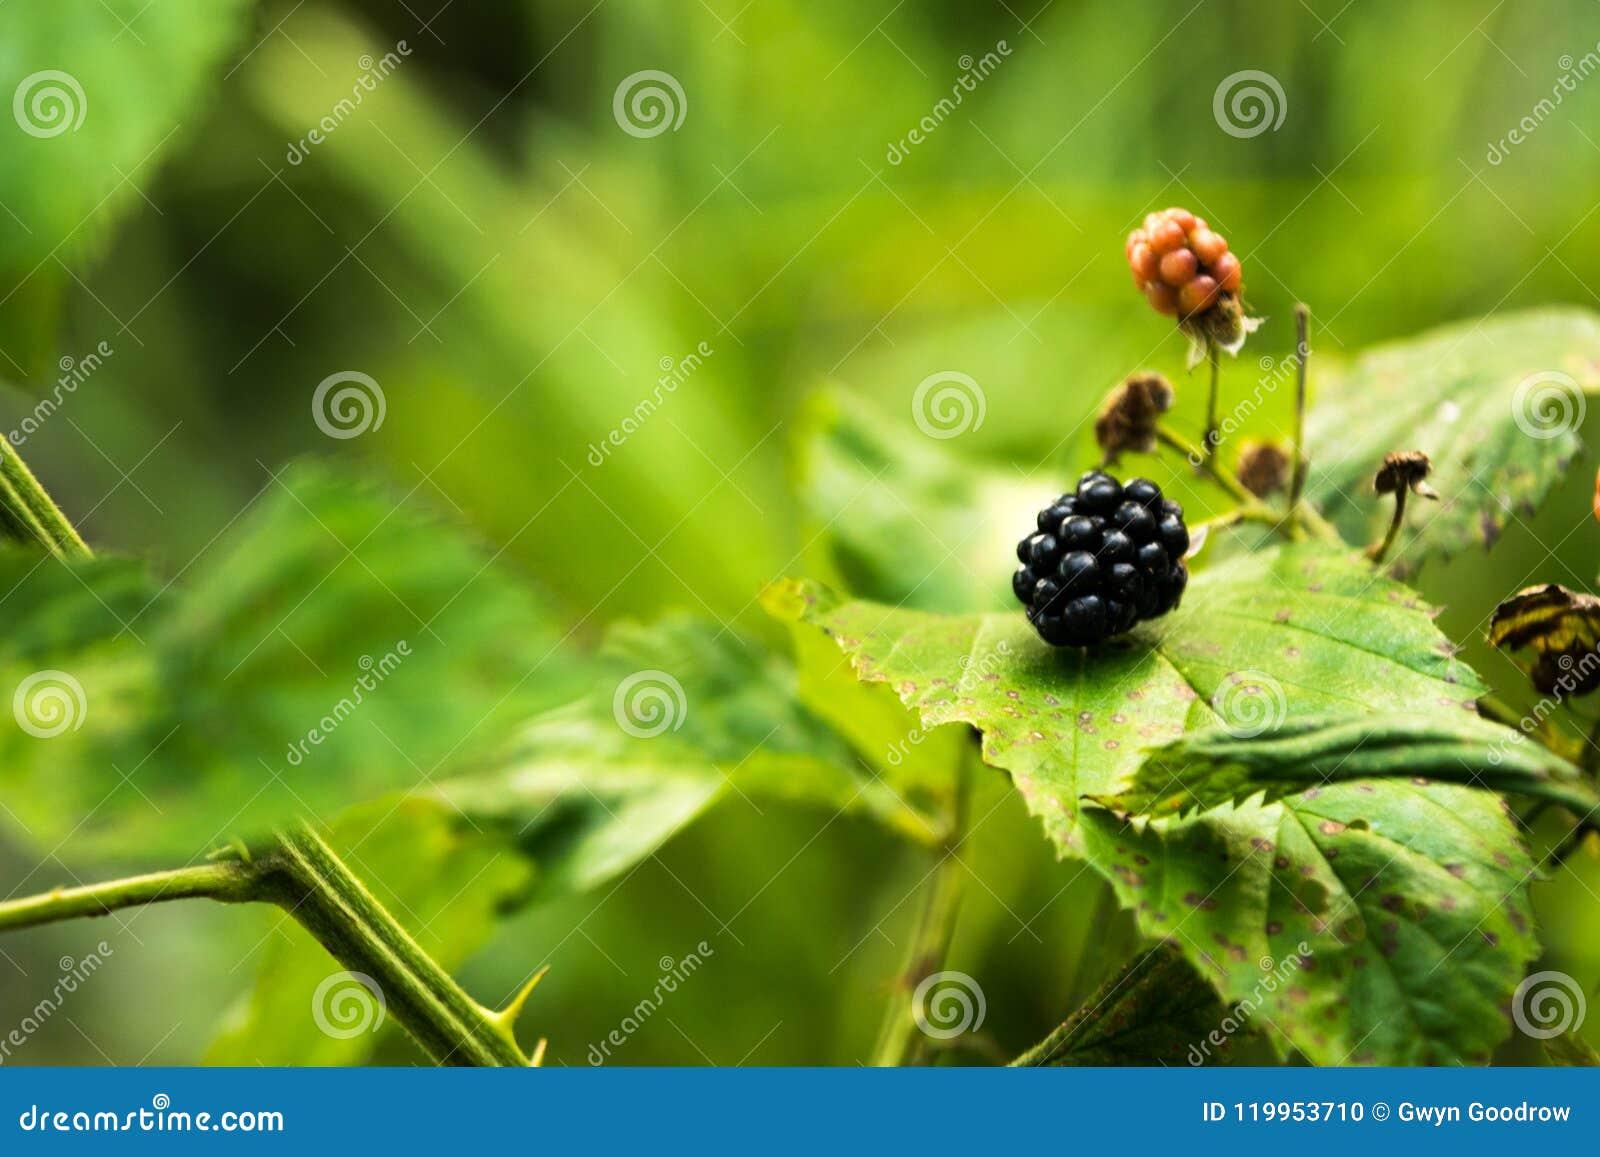 Blacberries sulla vite con fogliame naturale